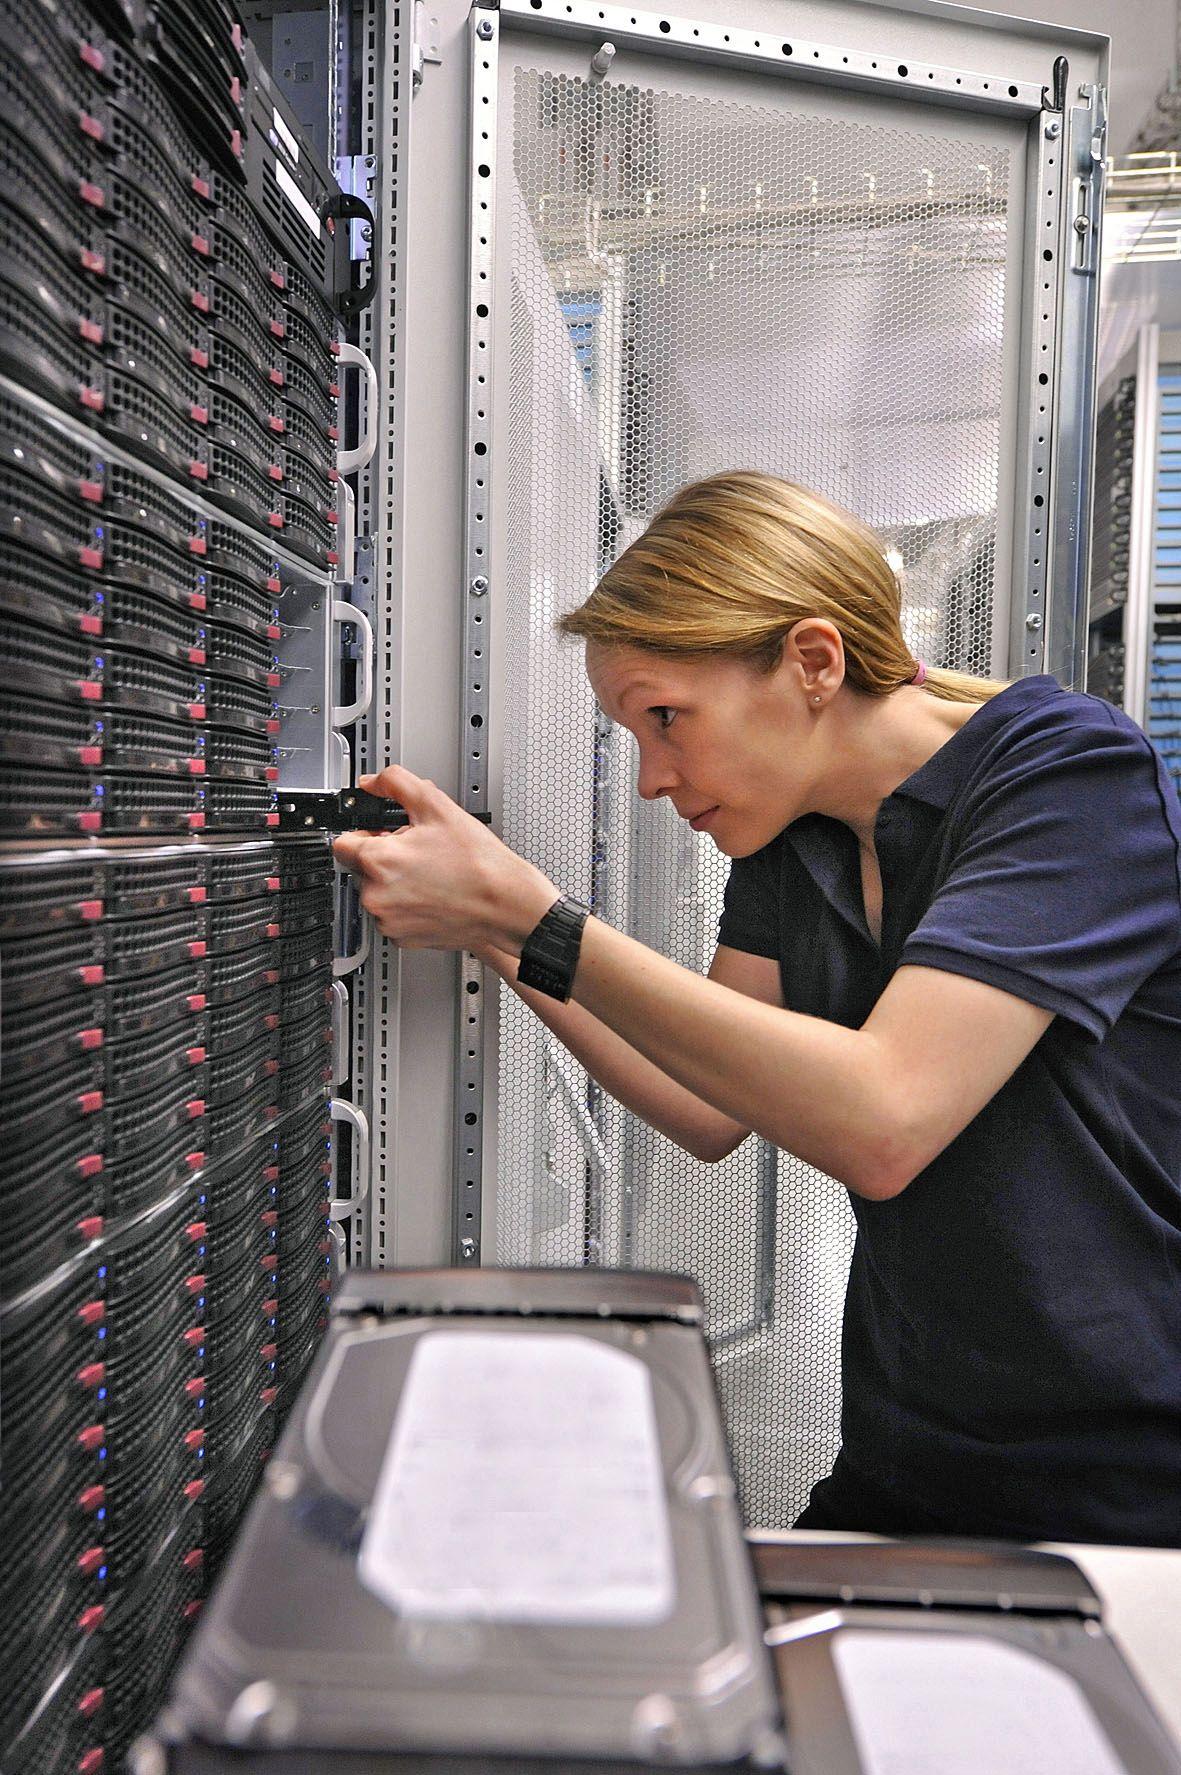 Server Rechenzentrum Festplatten Strato